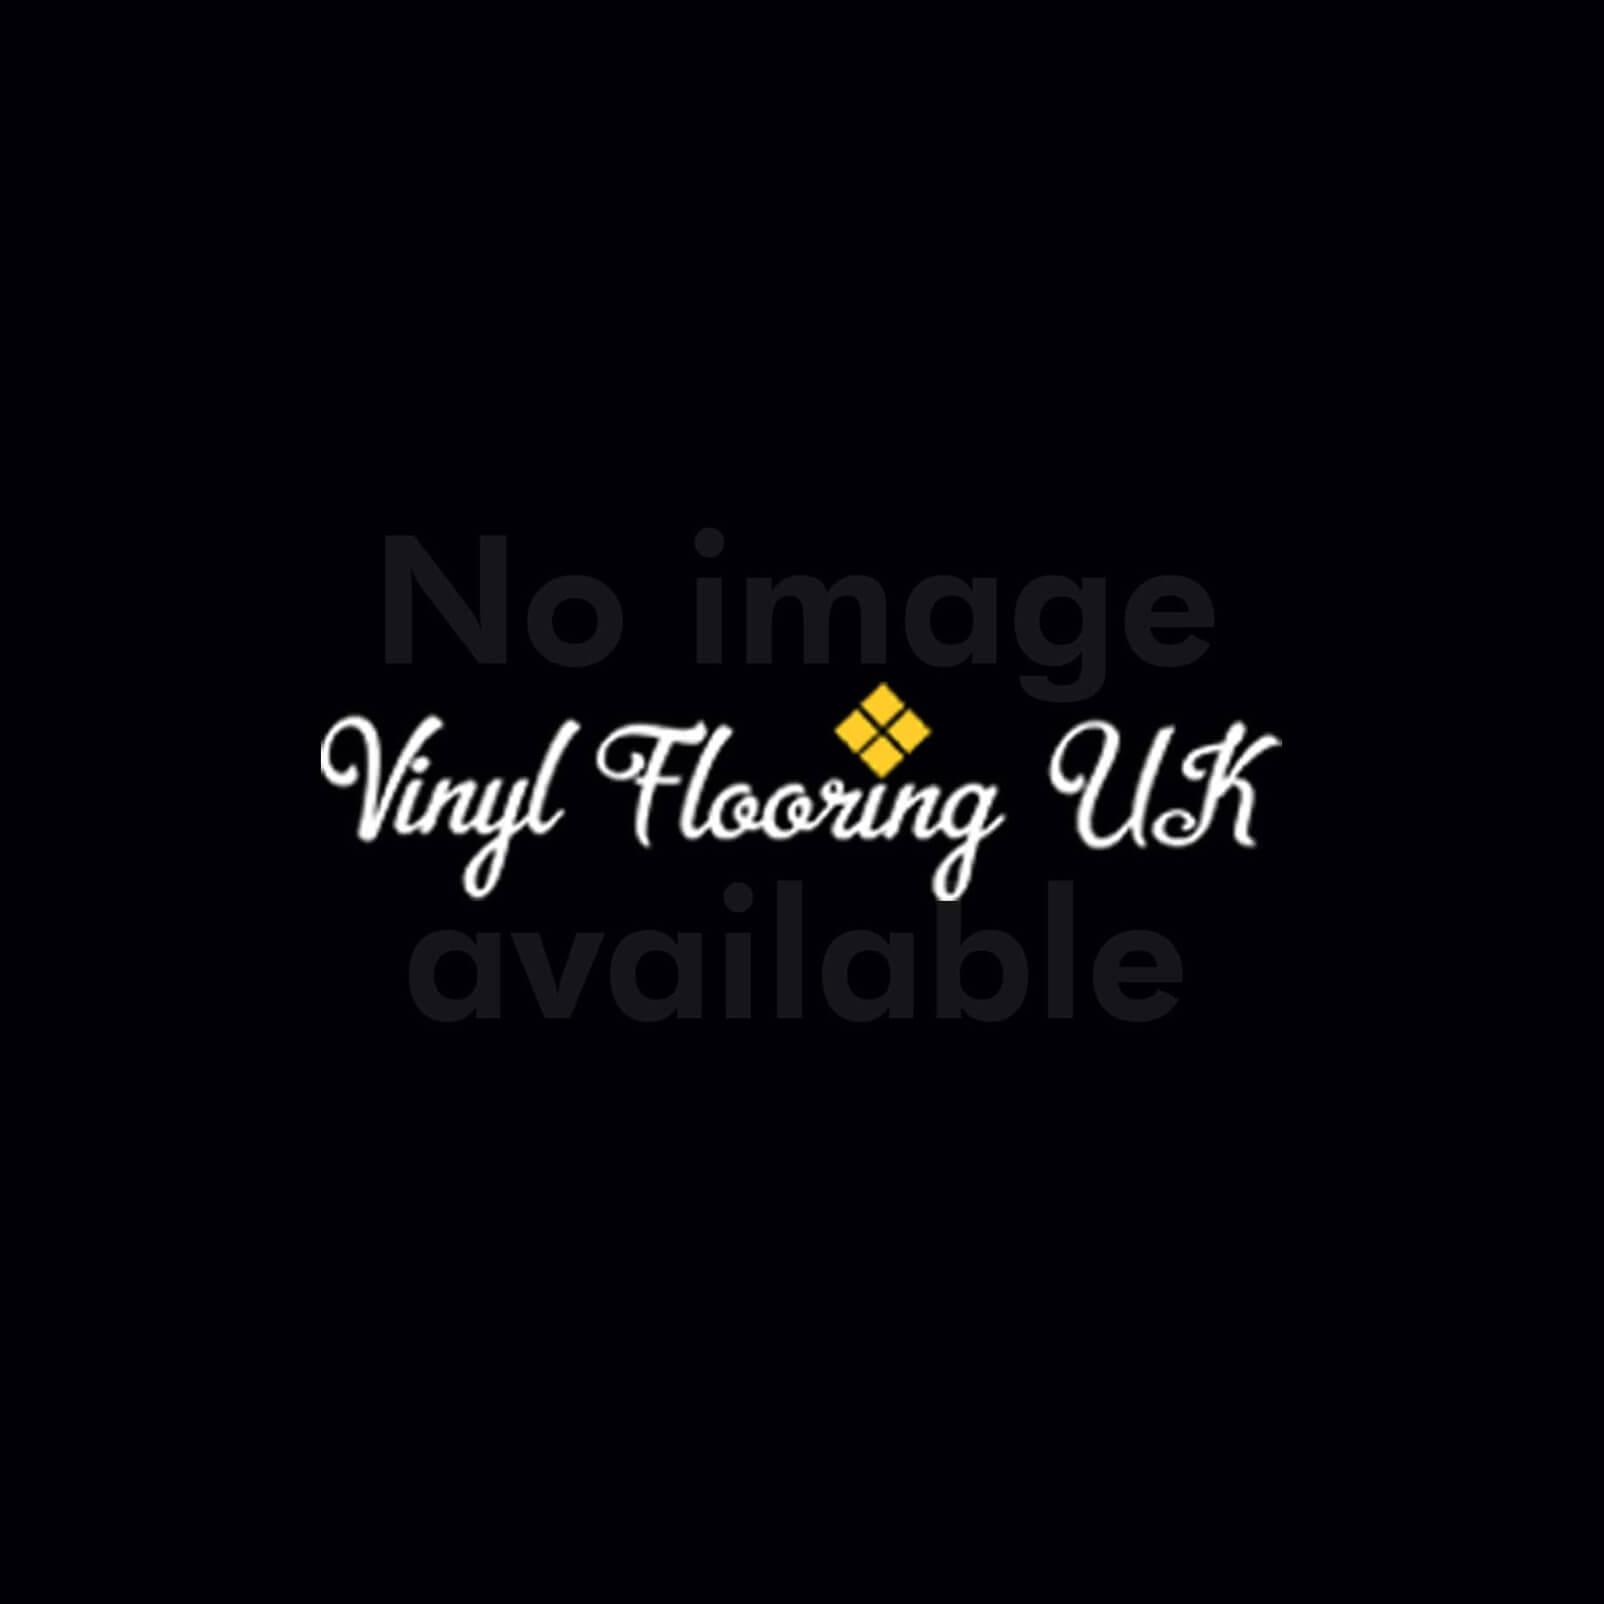 71 Tavel Wooden Effect R-10 Slip Resistance Vinyl Flooring